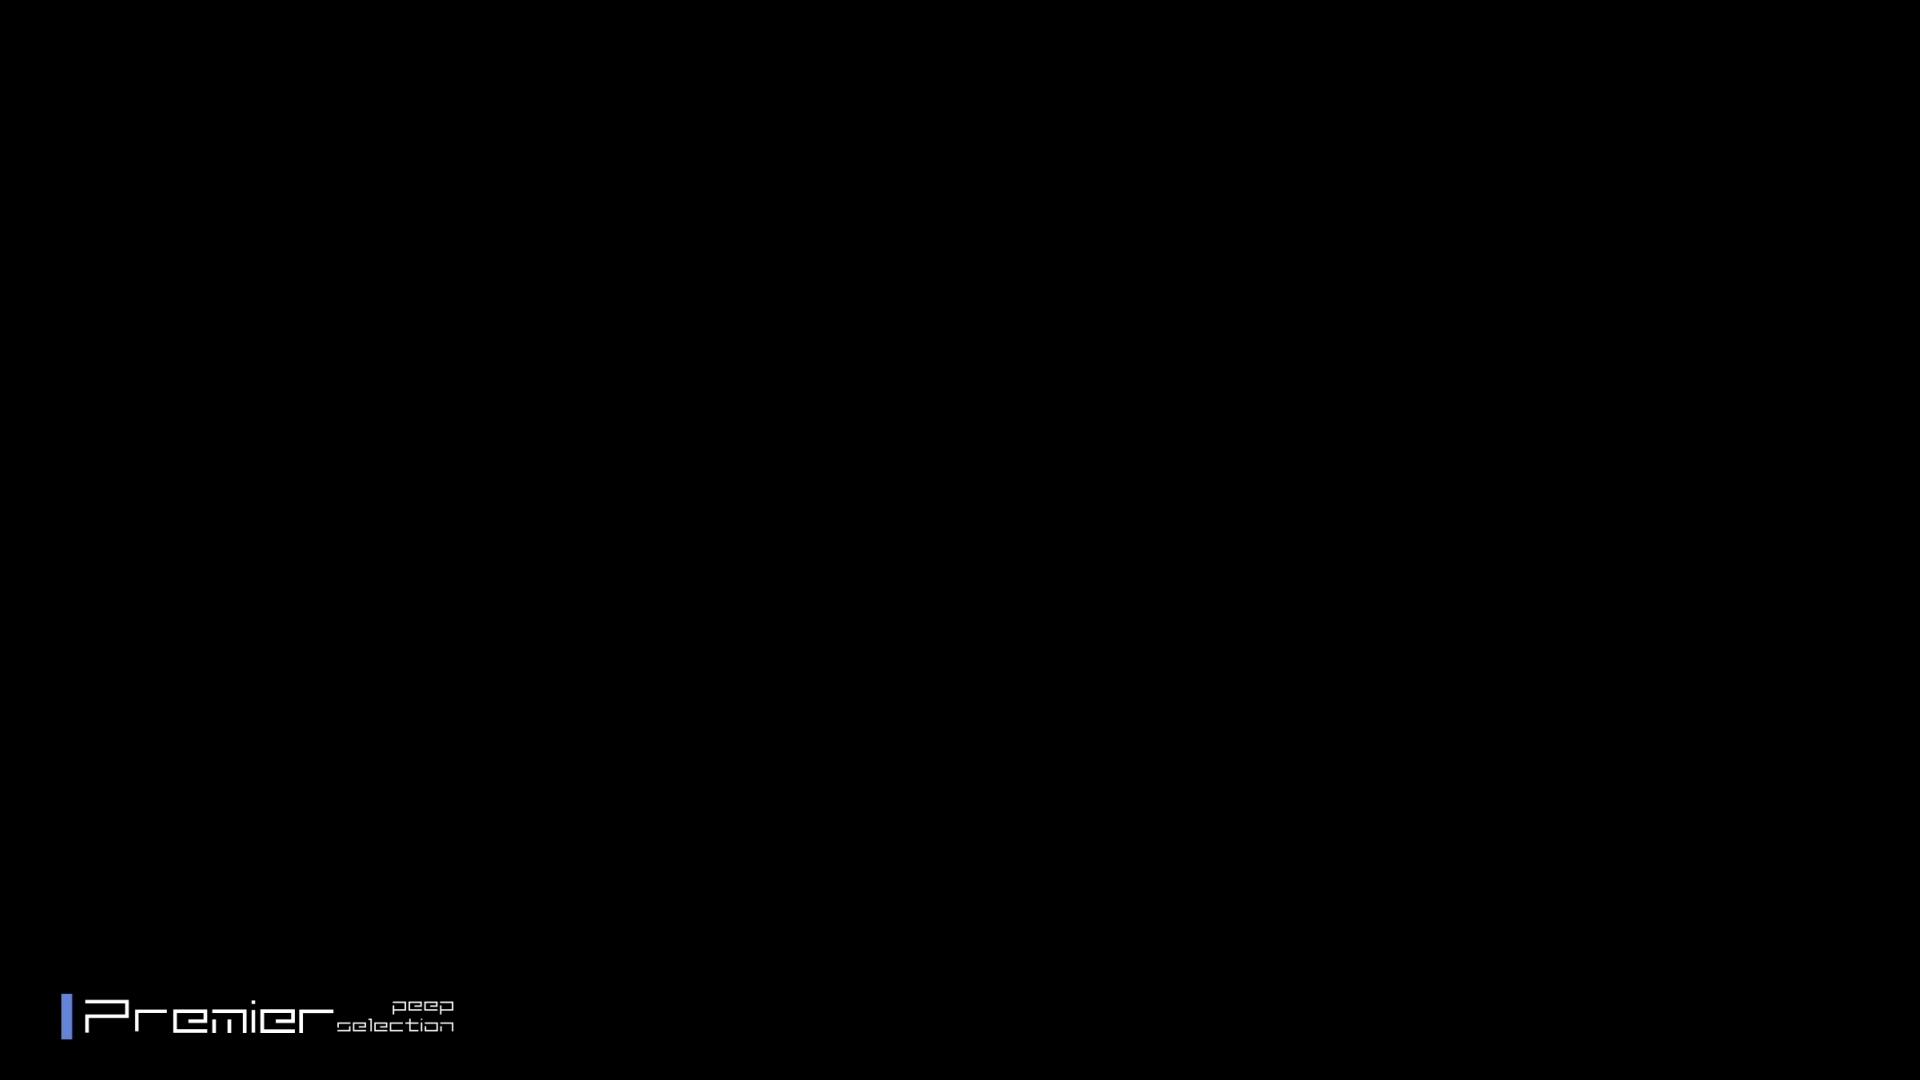 ★永久保存版★全員バレ!大迫力入浴シーン 美女達の私生活に潜入! 高画質 覗きおまんこ画像 35連発 19